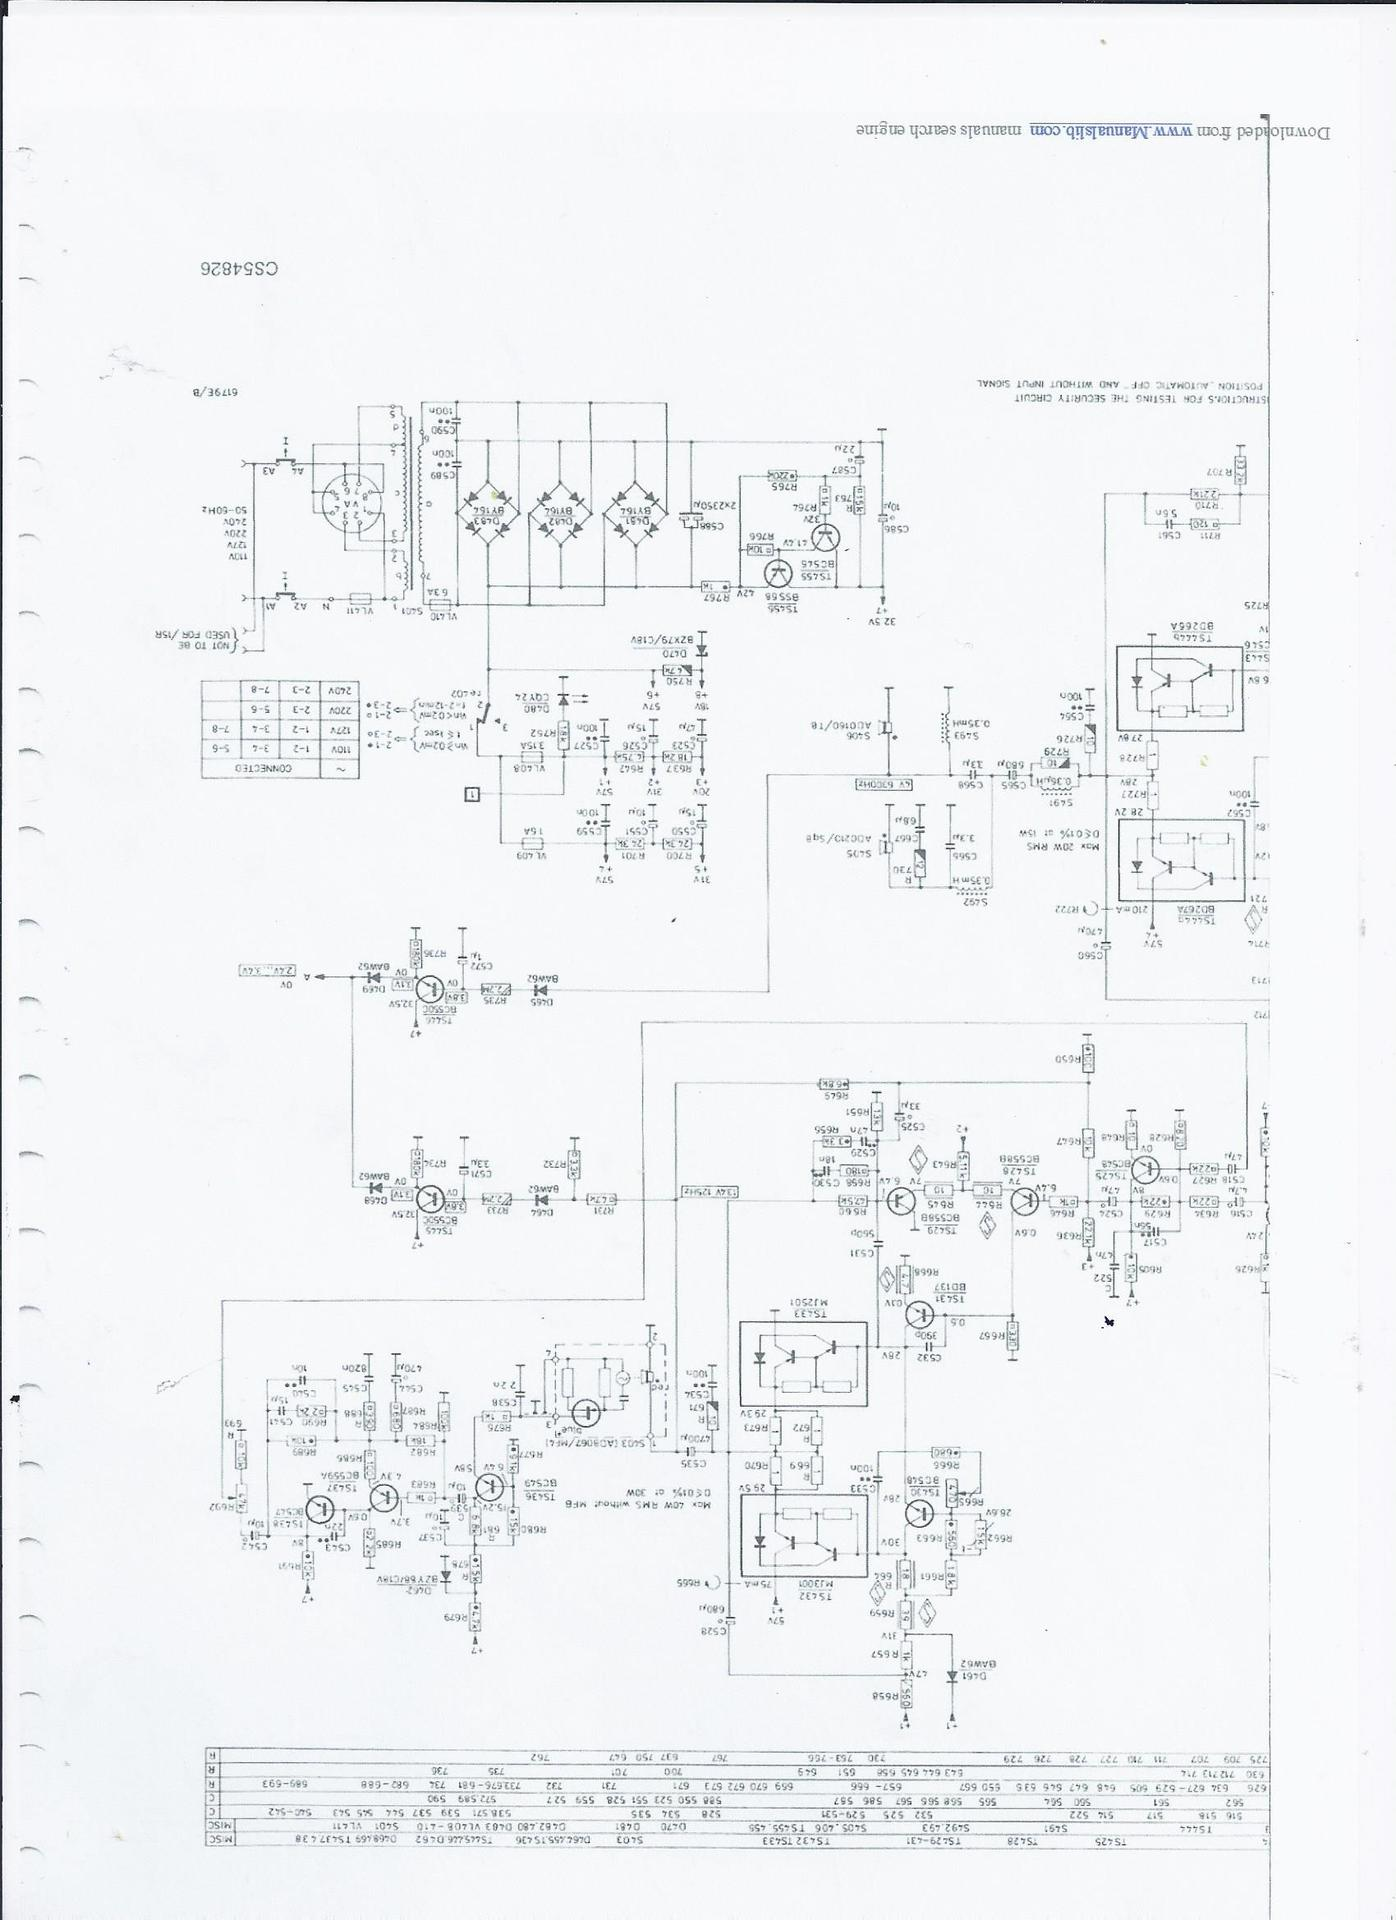 Großartig Relais Schaltplan In Einer Box Fotos - Der Schaltplan ...